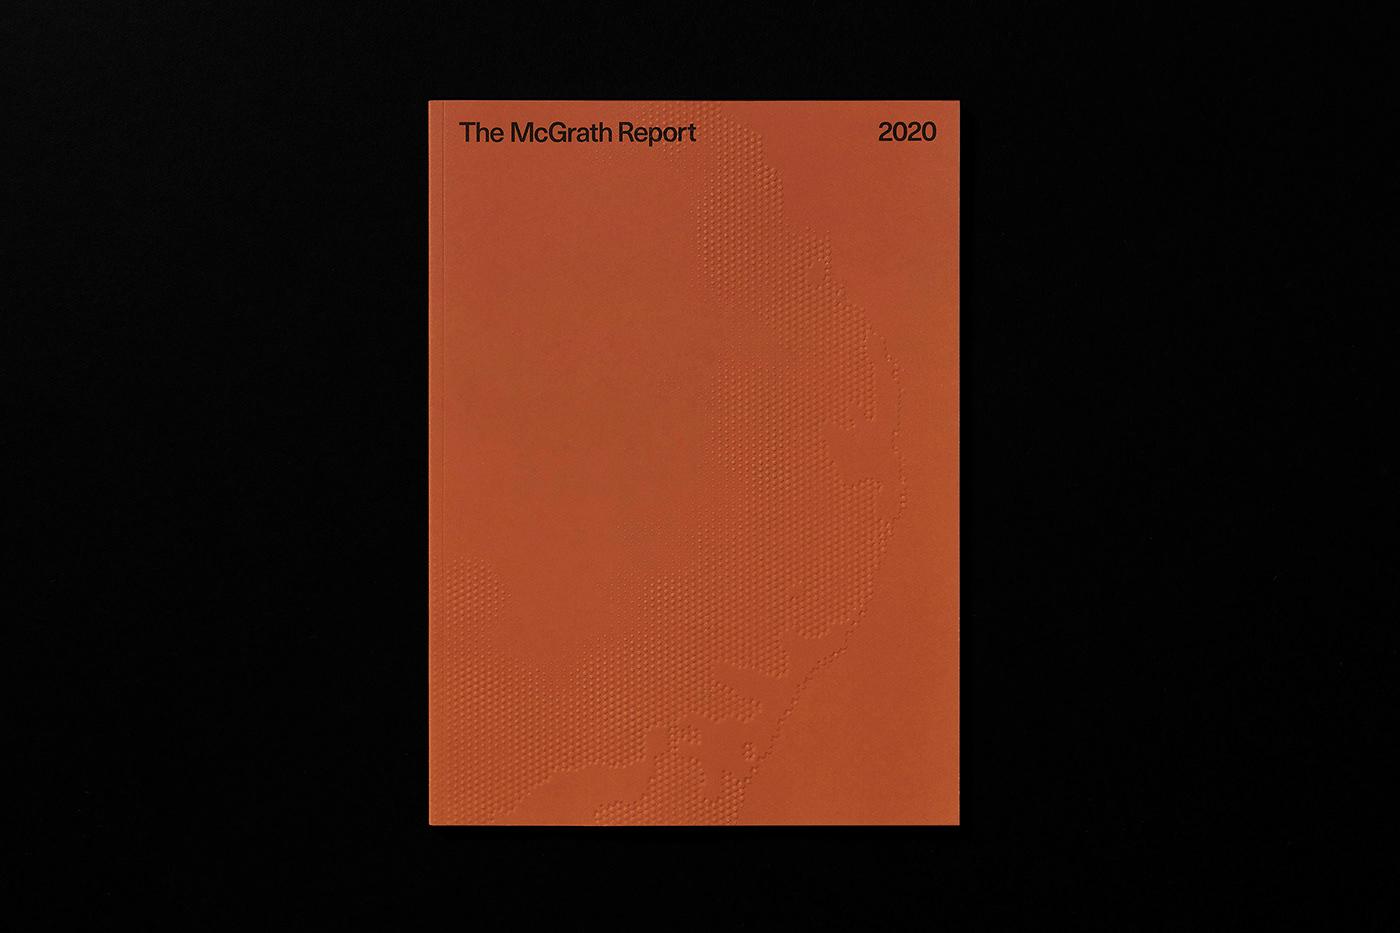 Image may contain: screenshot, abstract and book